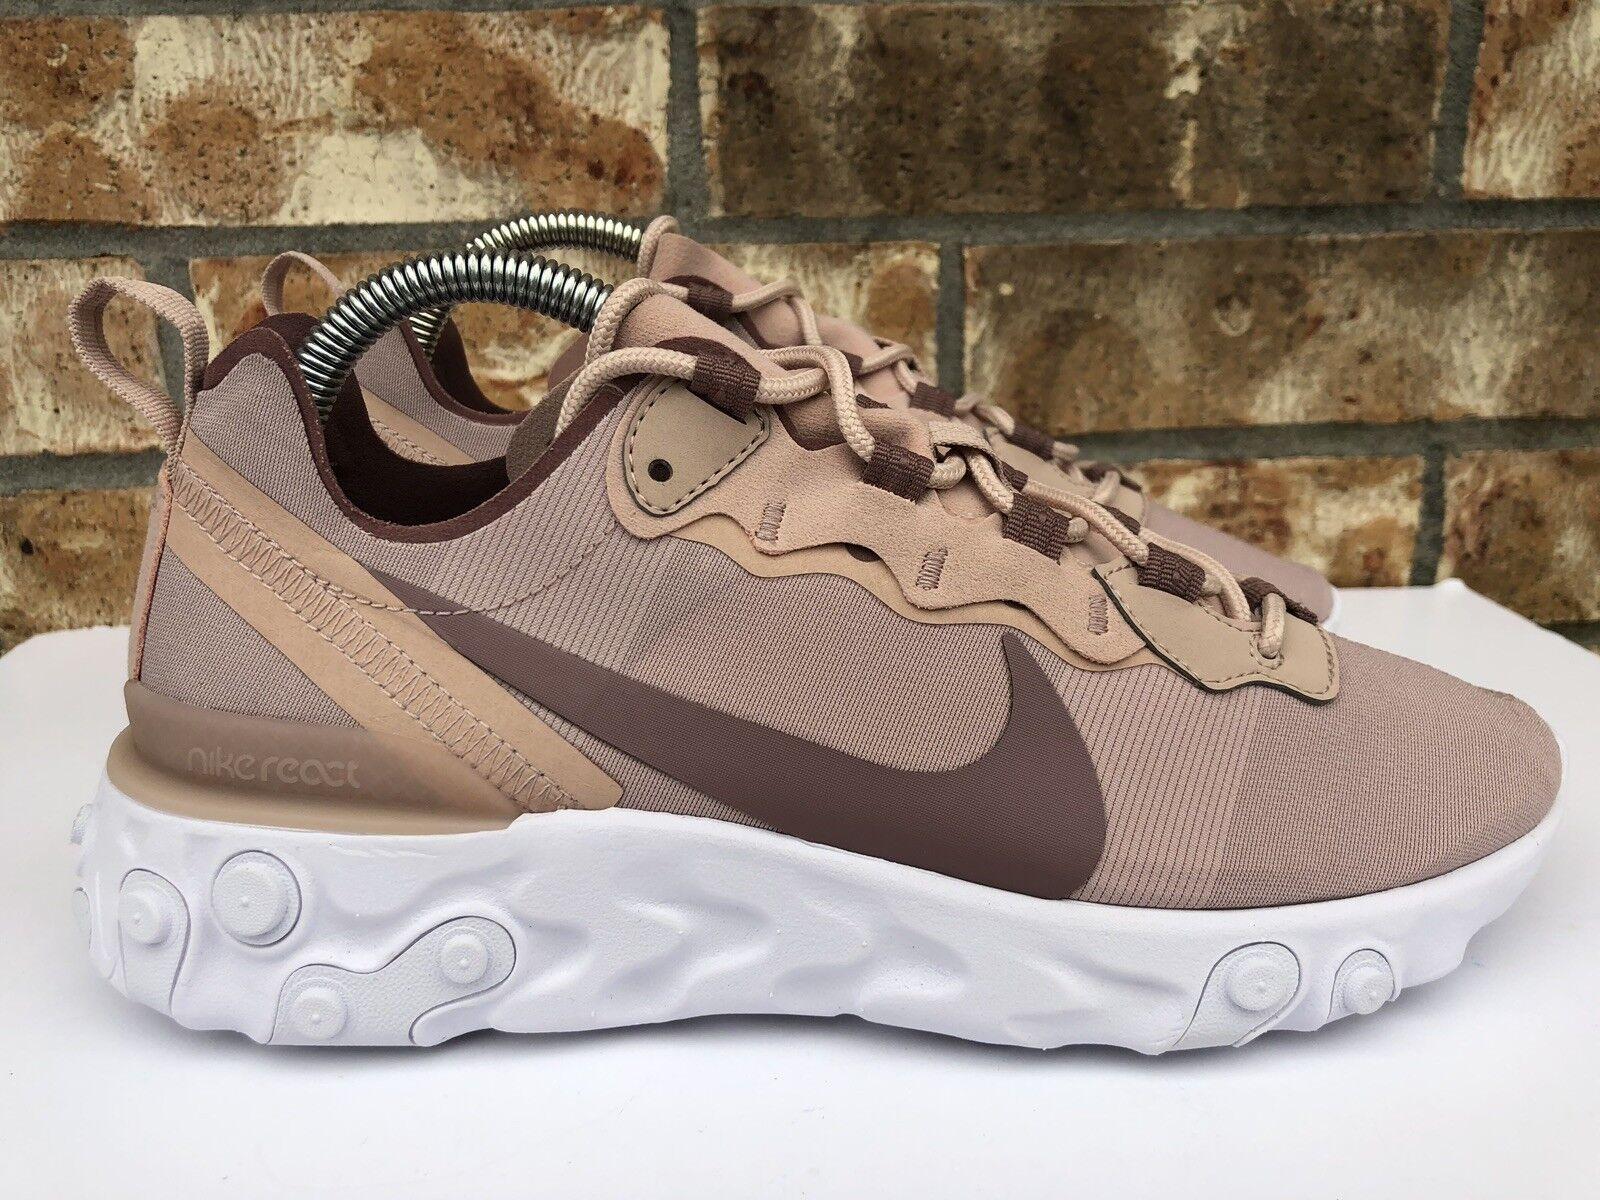 Women's Women's Women's Nike React Element 55 Running shoes Particle Beige Size 8.5 BQ2728 200 641b27